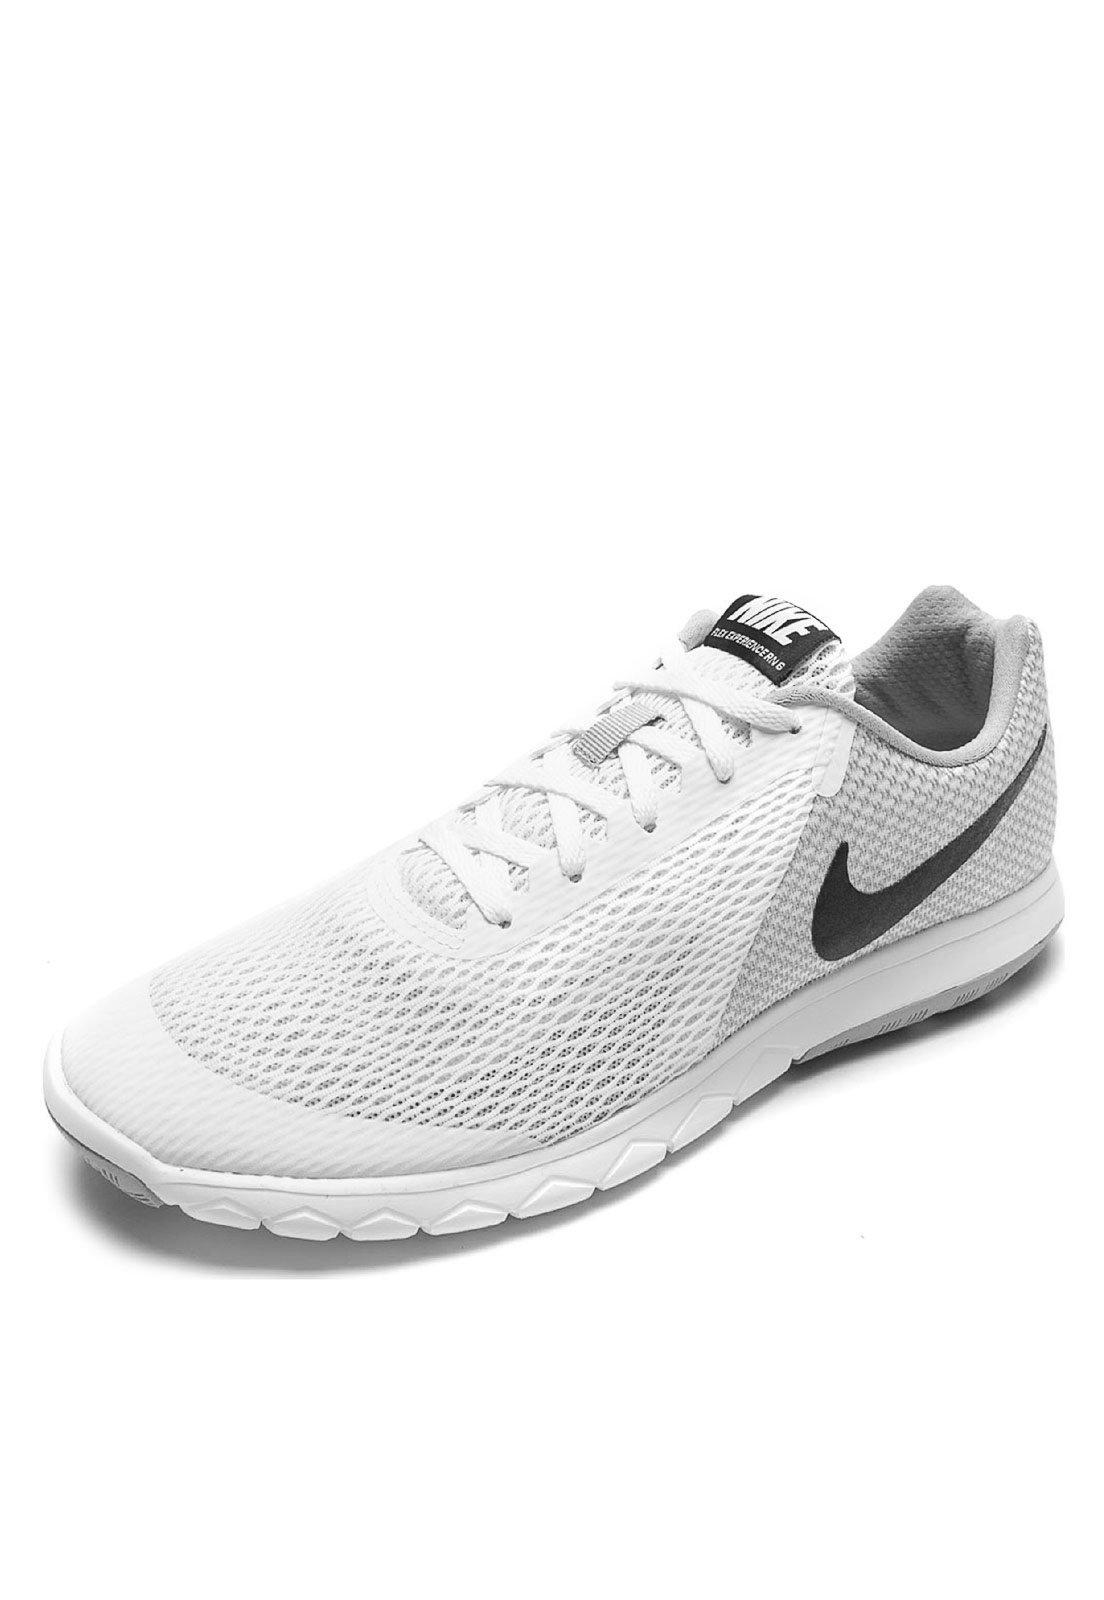 saludo Bailarín Perforar  Tênis Nike Flex Experience RN 6 Branco/Cinza - Compre Agora   Dafiti Brasil